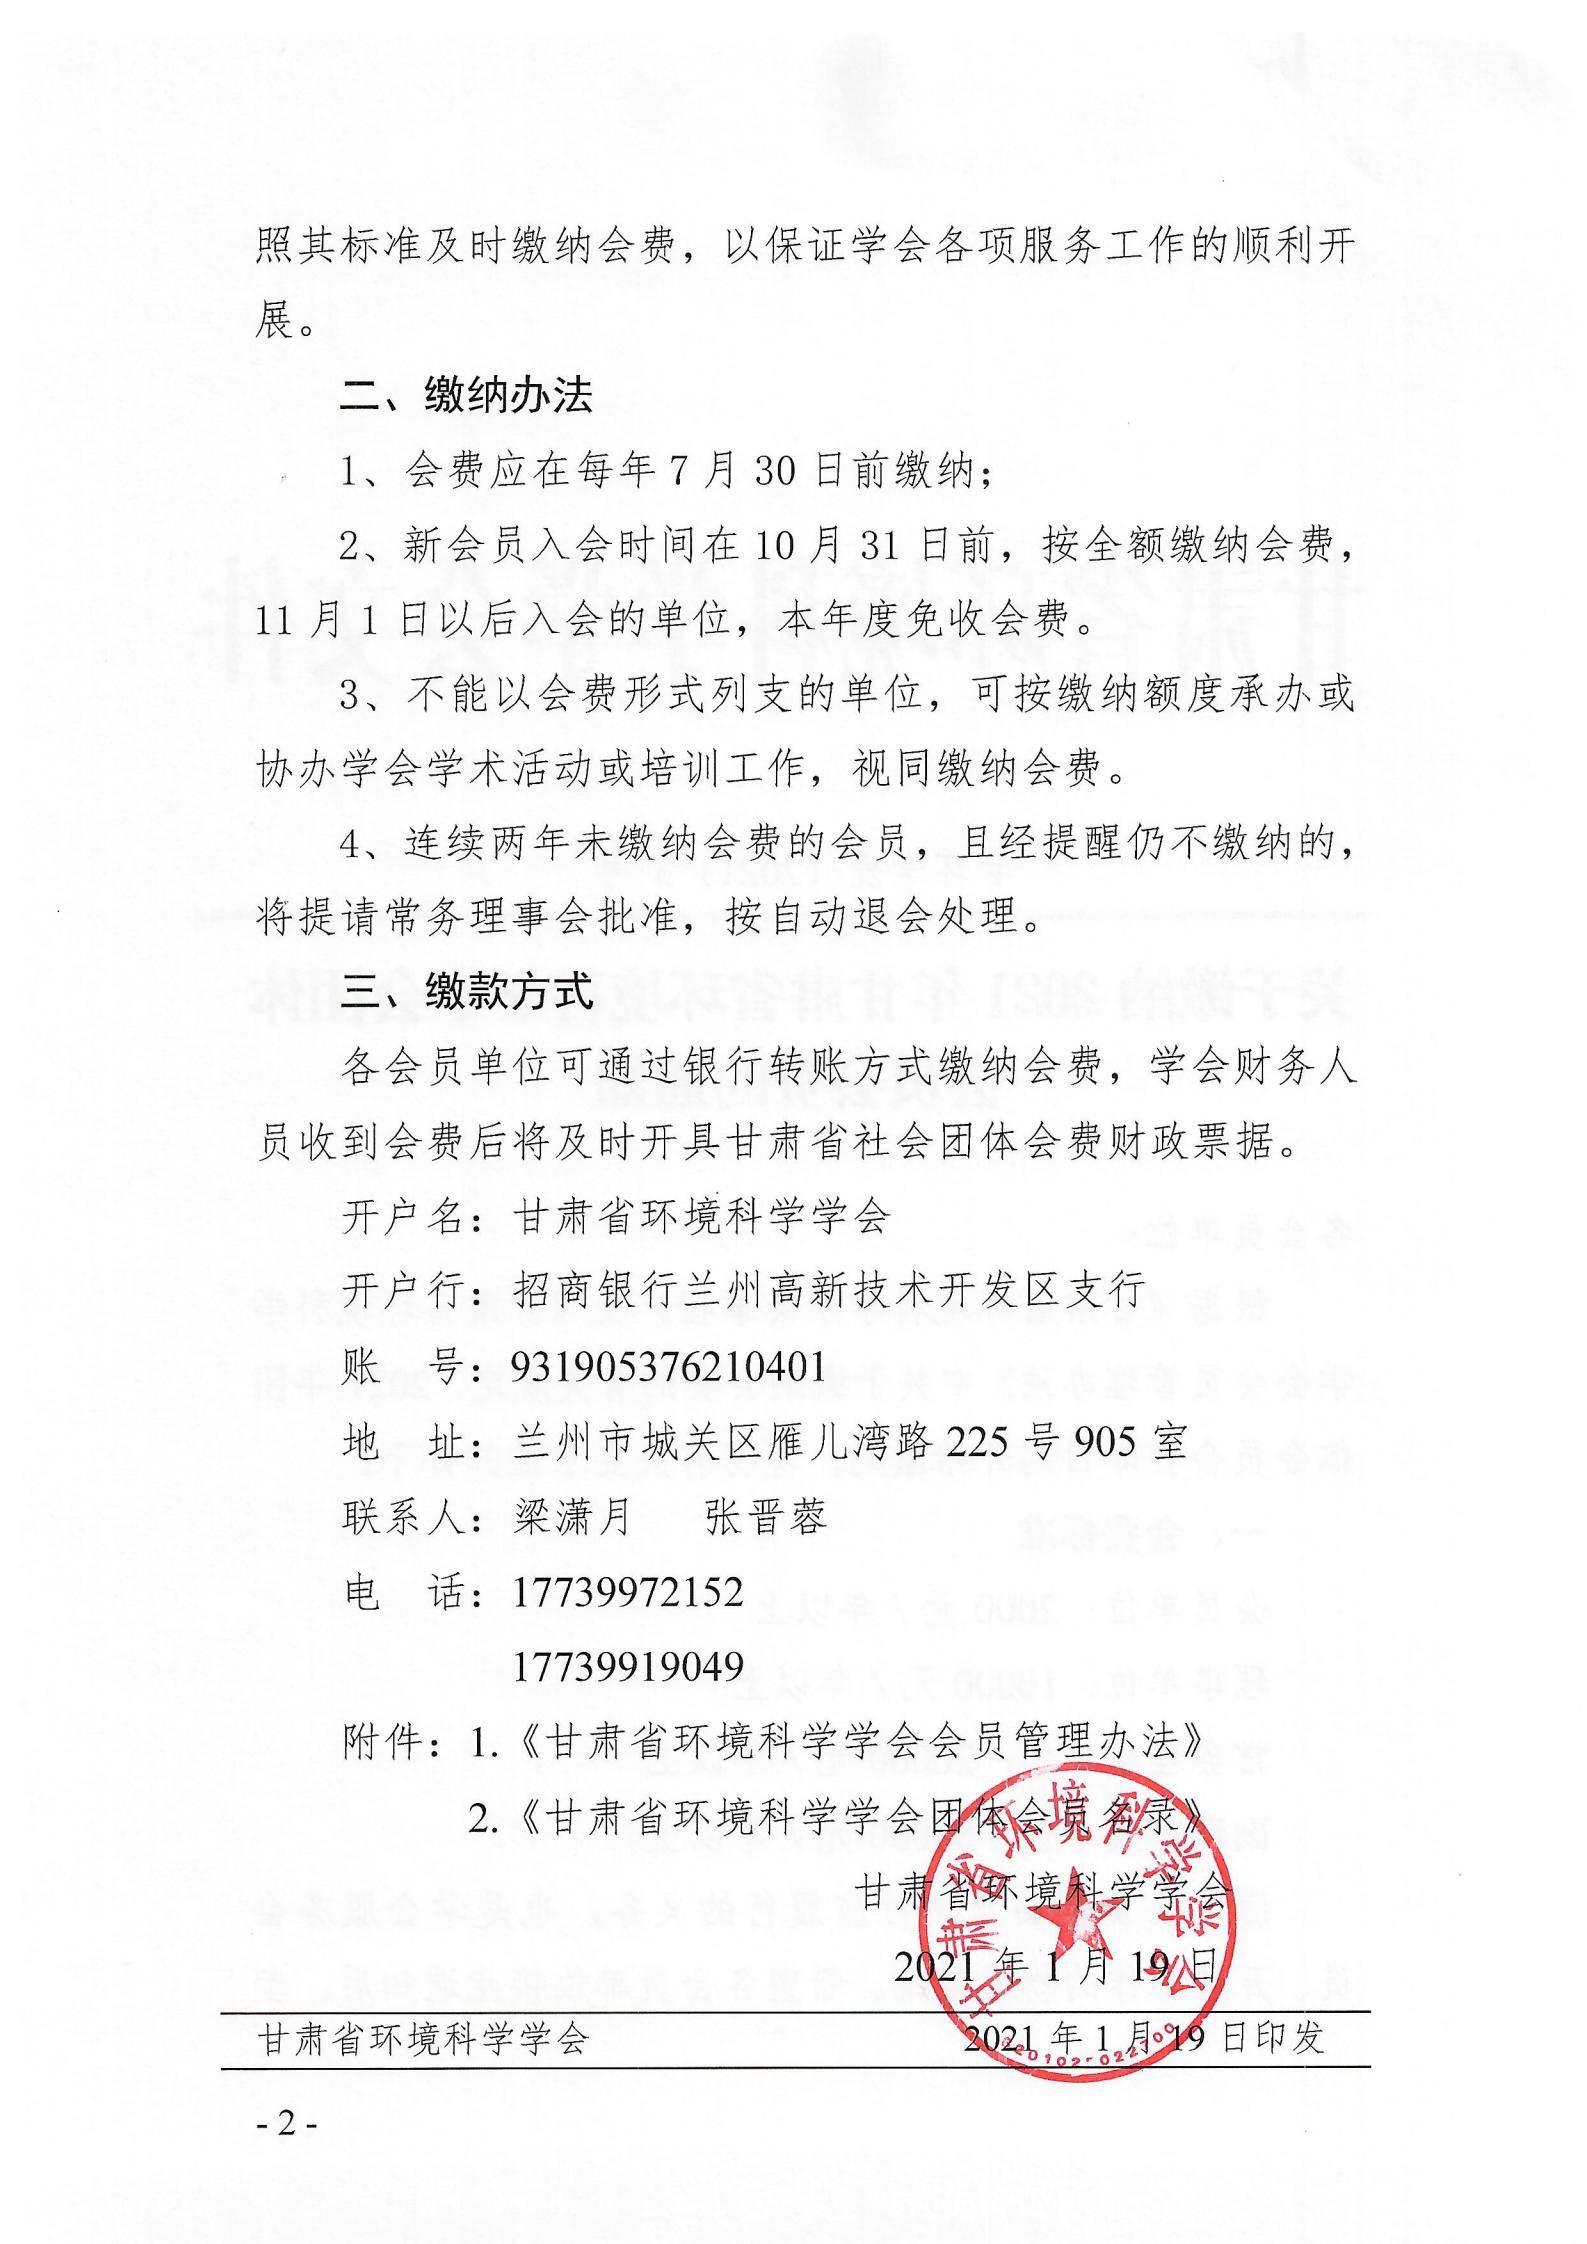 甘环学发【2021】3号 关于缴纳2021年甘肃省环境科学学会团体会员会费的通知_01.png